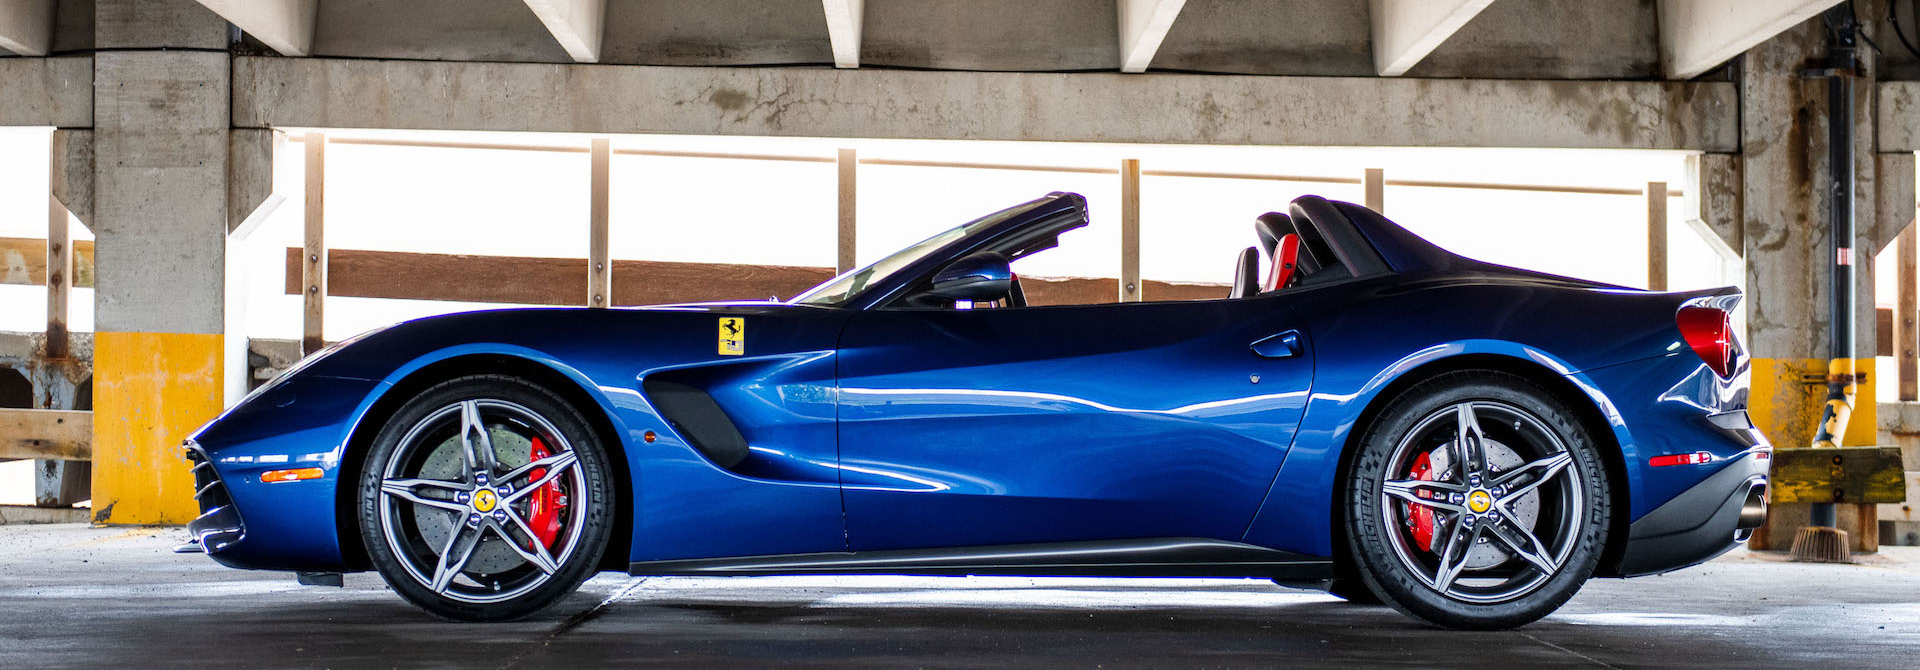 Cận cảnh Ferrari V12 F60 siêu hiếm